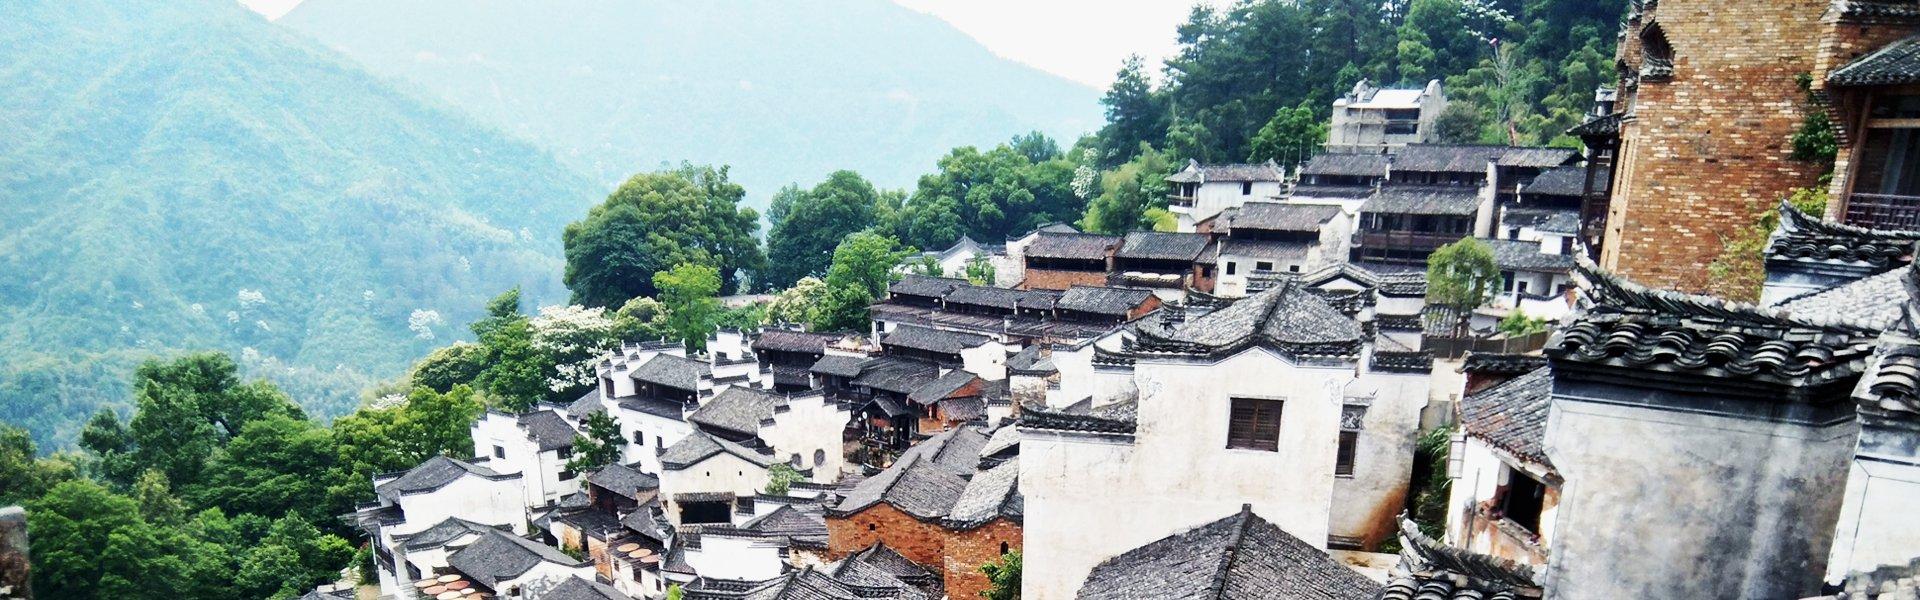 Witte dorpen nabij Wuyuan, China